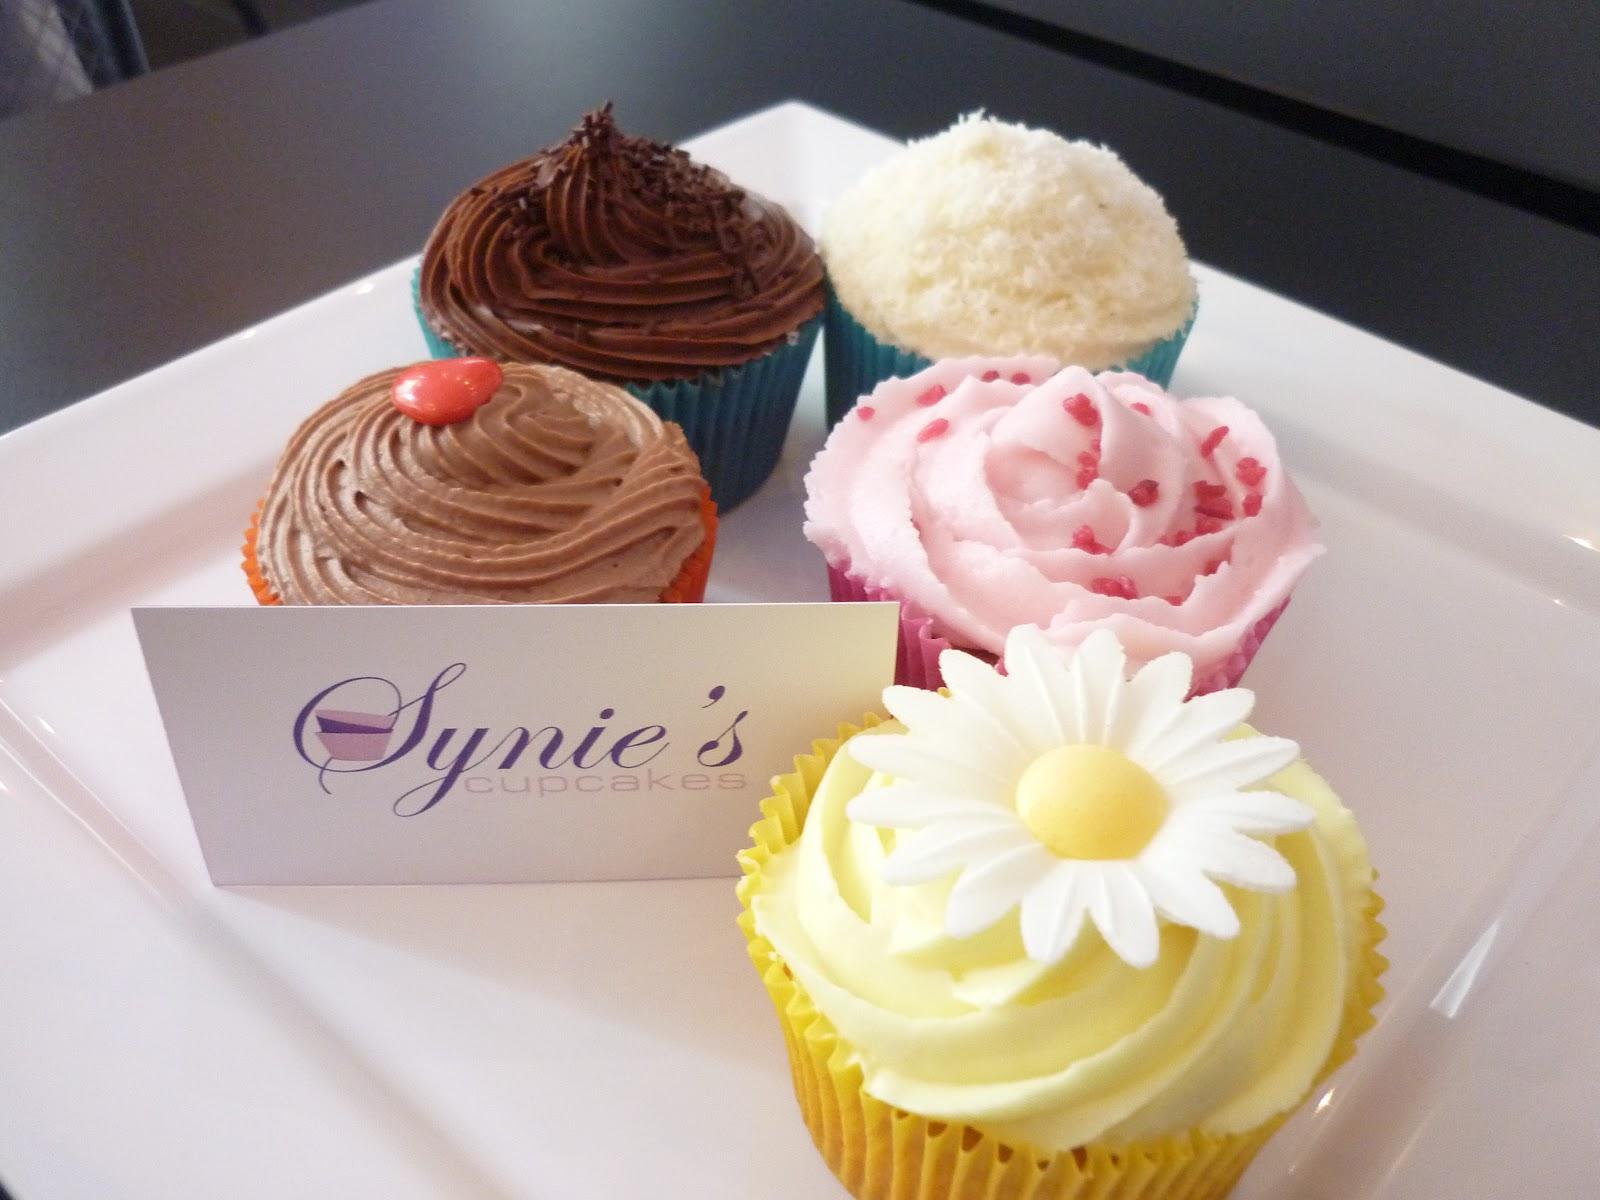 assiette avec différent parfums de cupcake, avec à coté  une carte de synie's